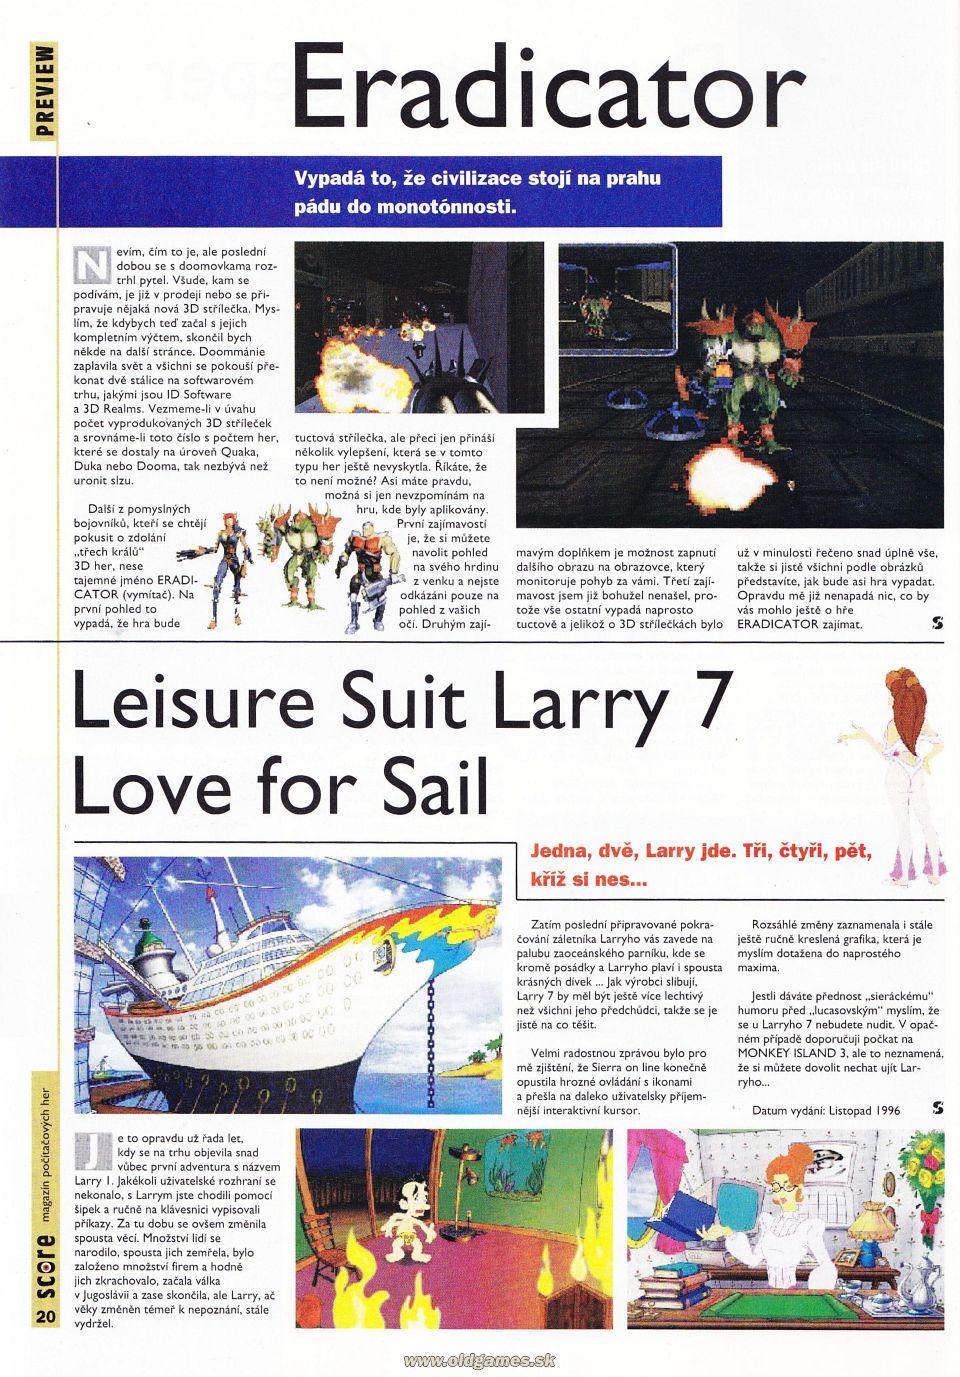 leisure suit larry 7 - photo #33